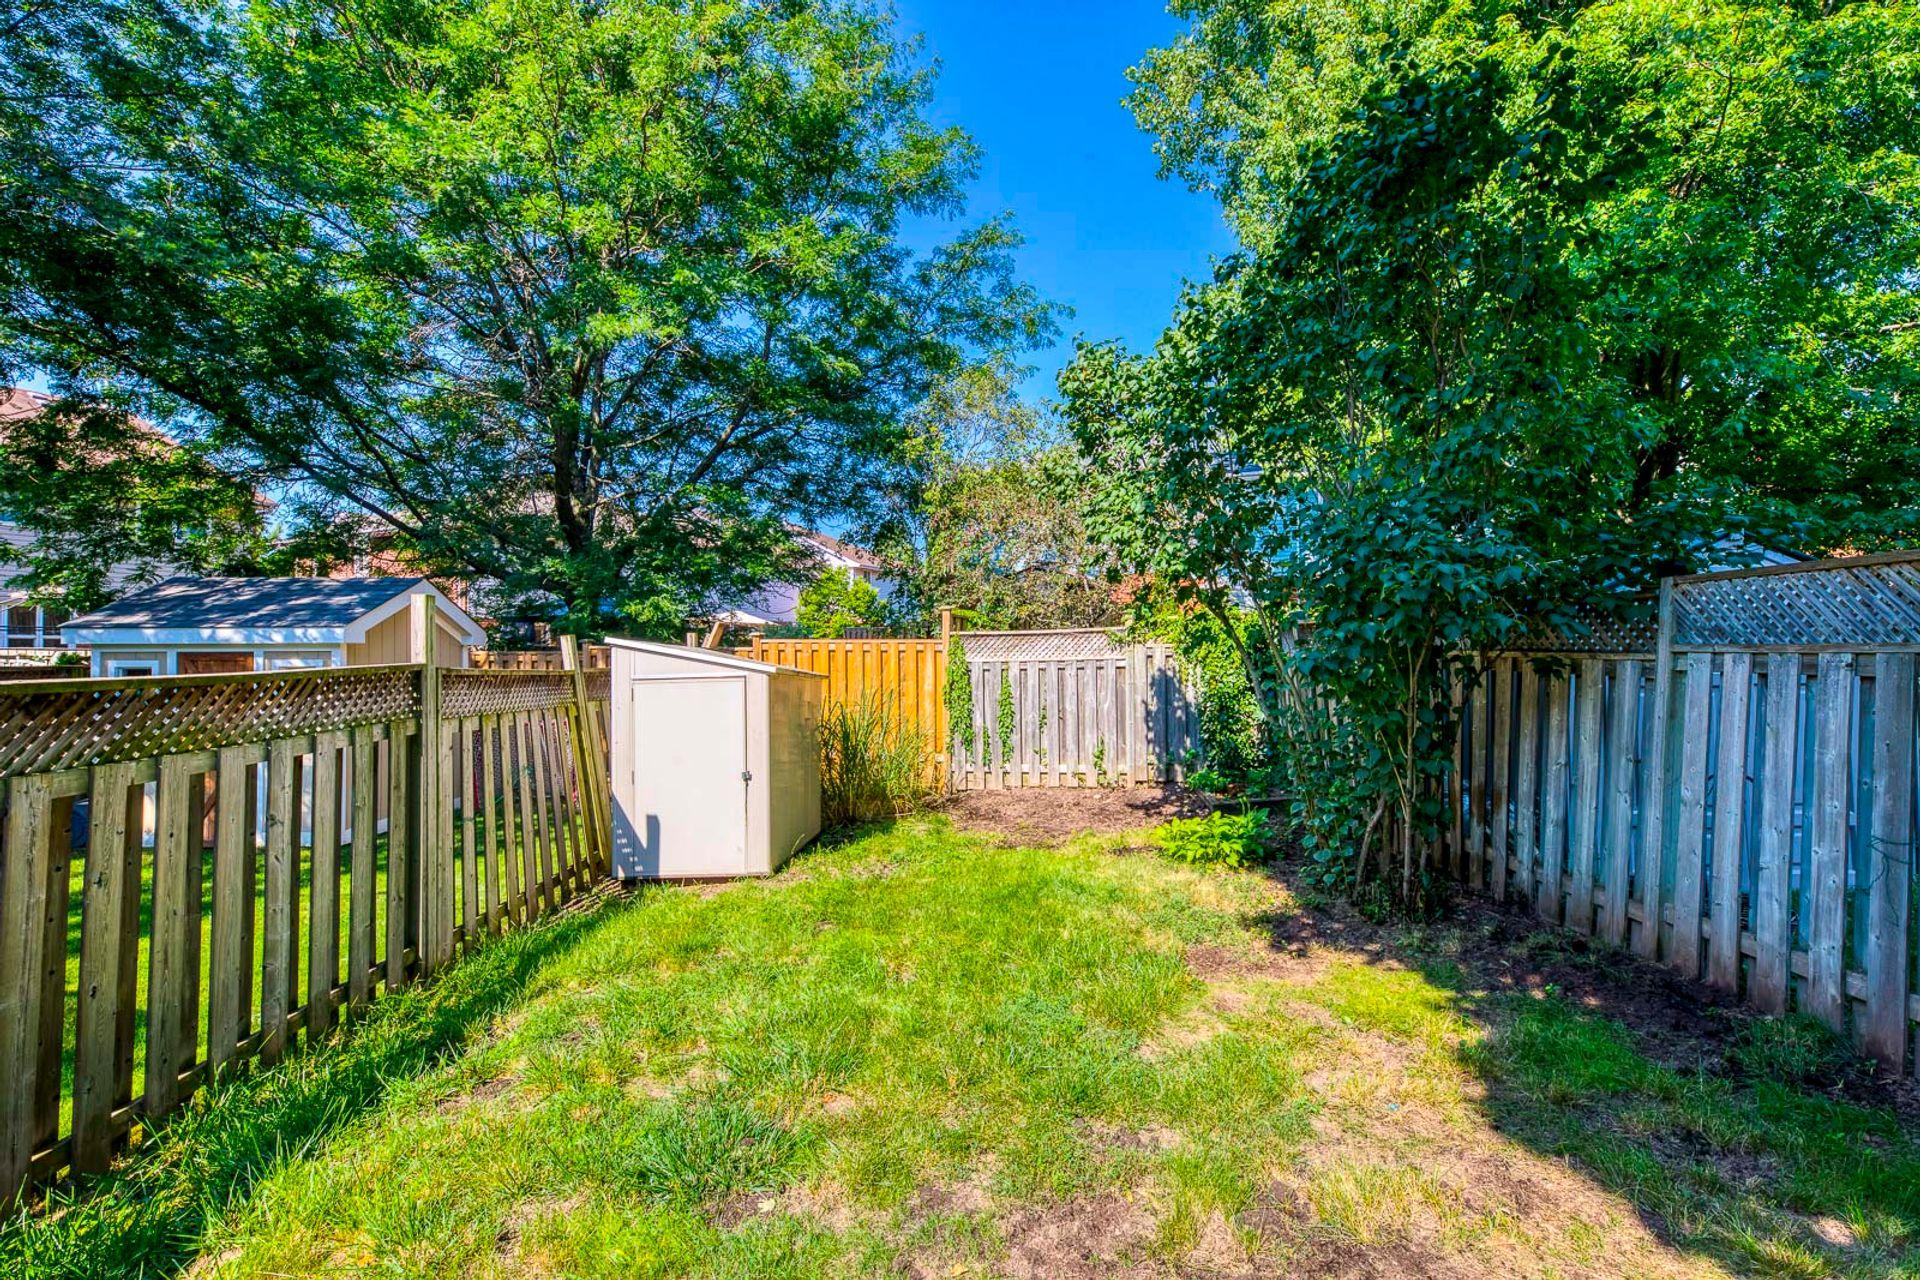 Backyard - 2416 Stefi Tr, Oakville - Elite3 & Team at 2416 Stefi Trail, River Oaks, Oakville